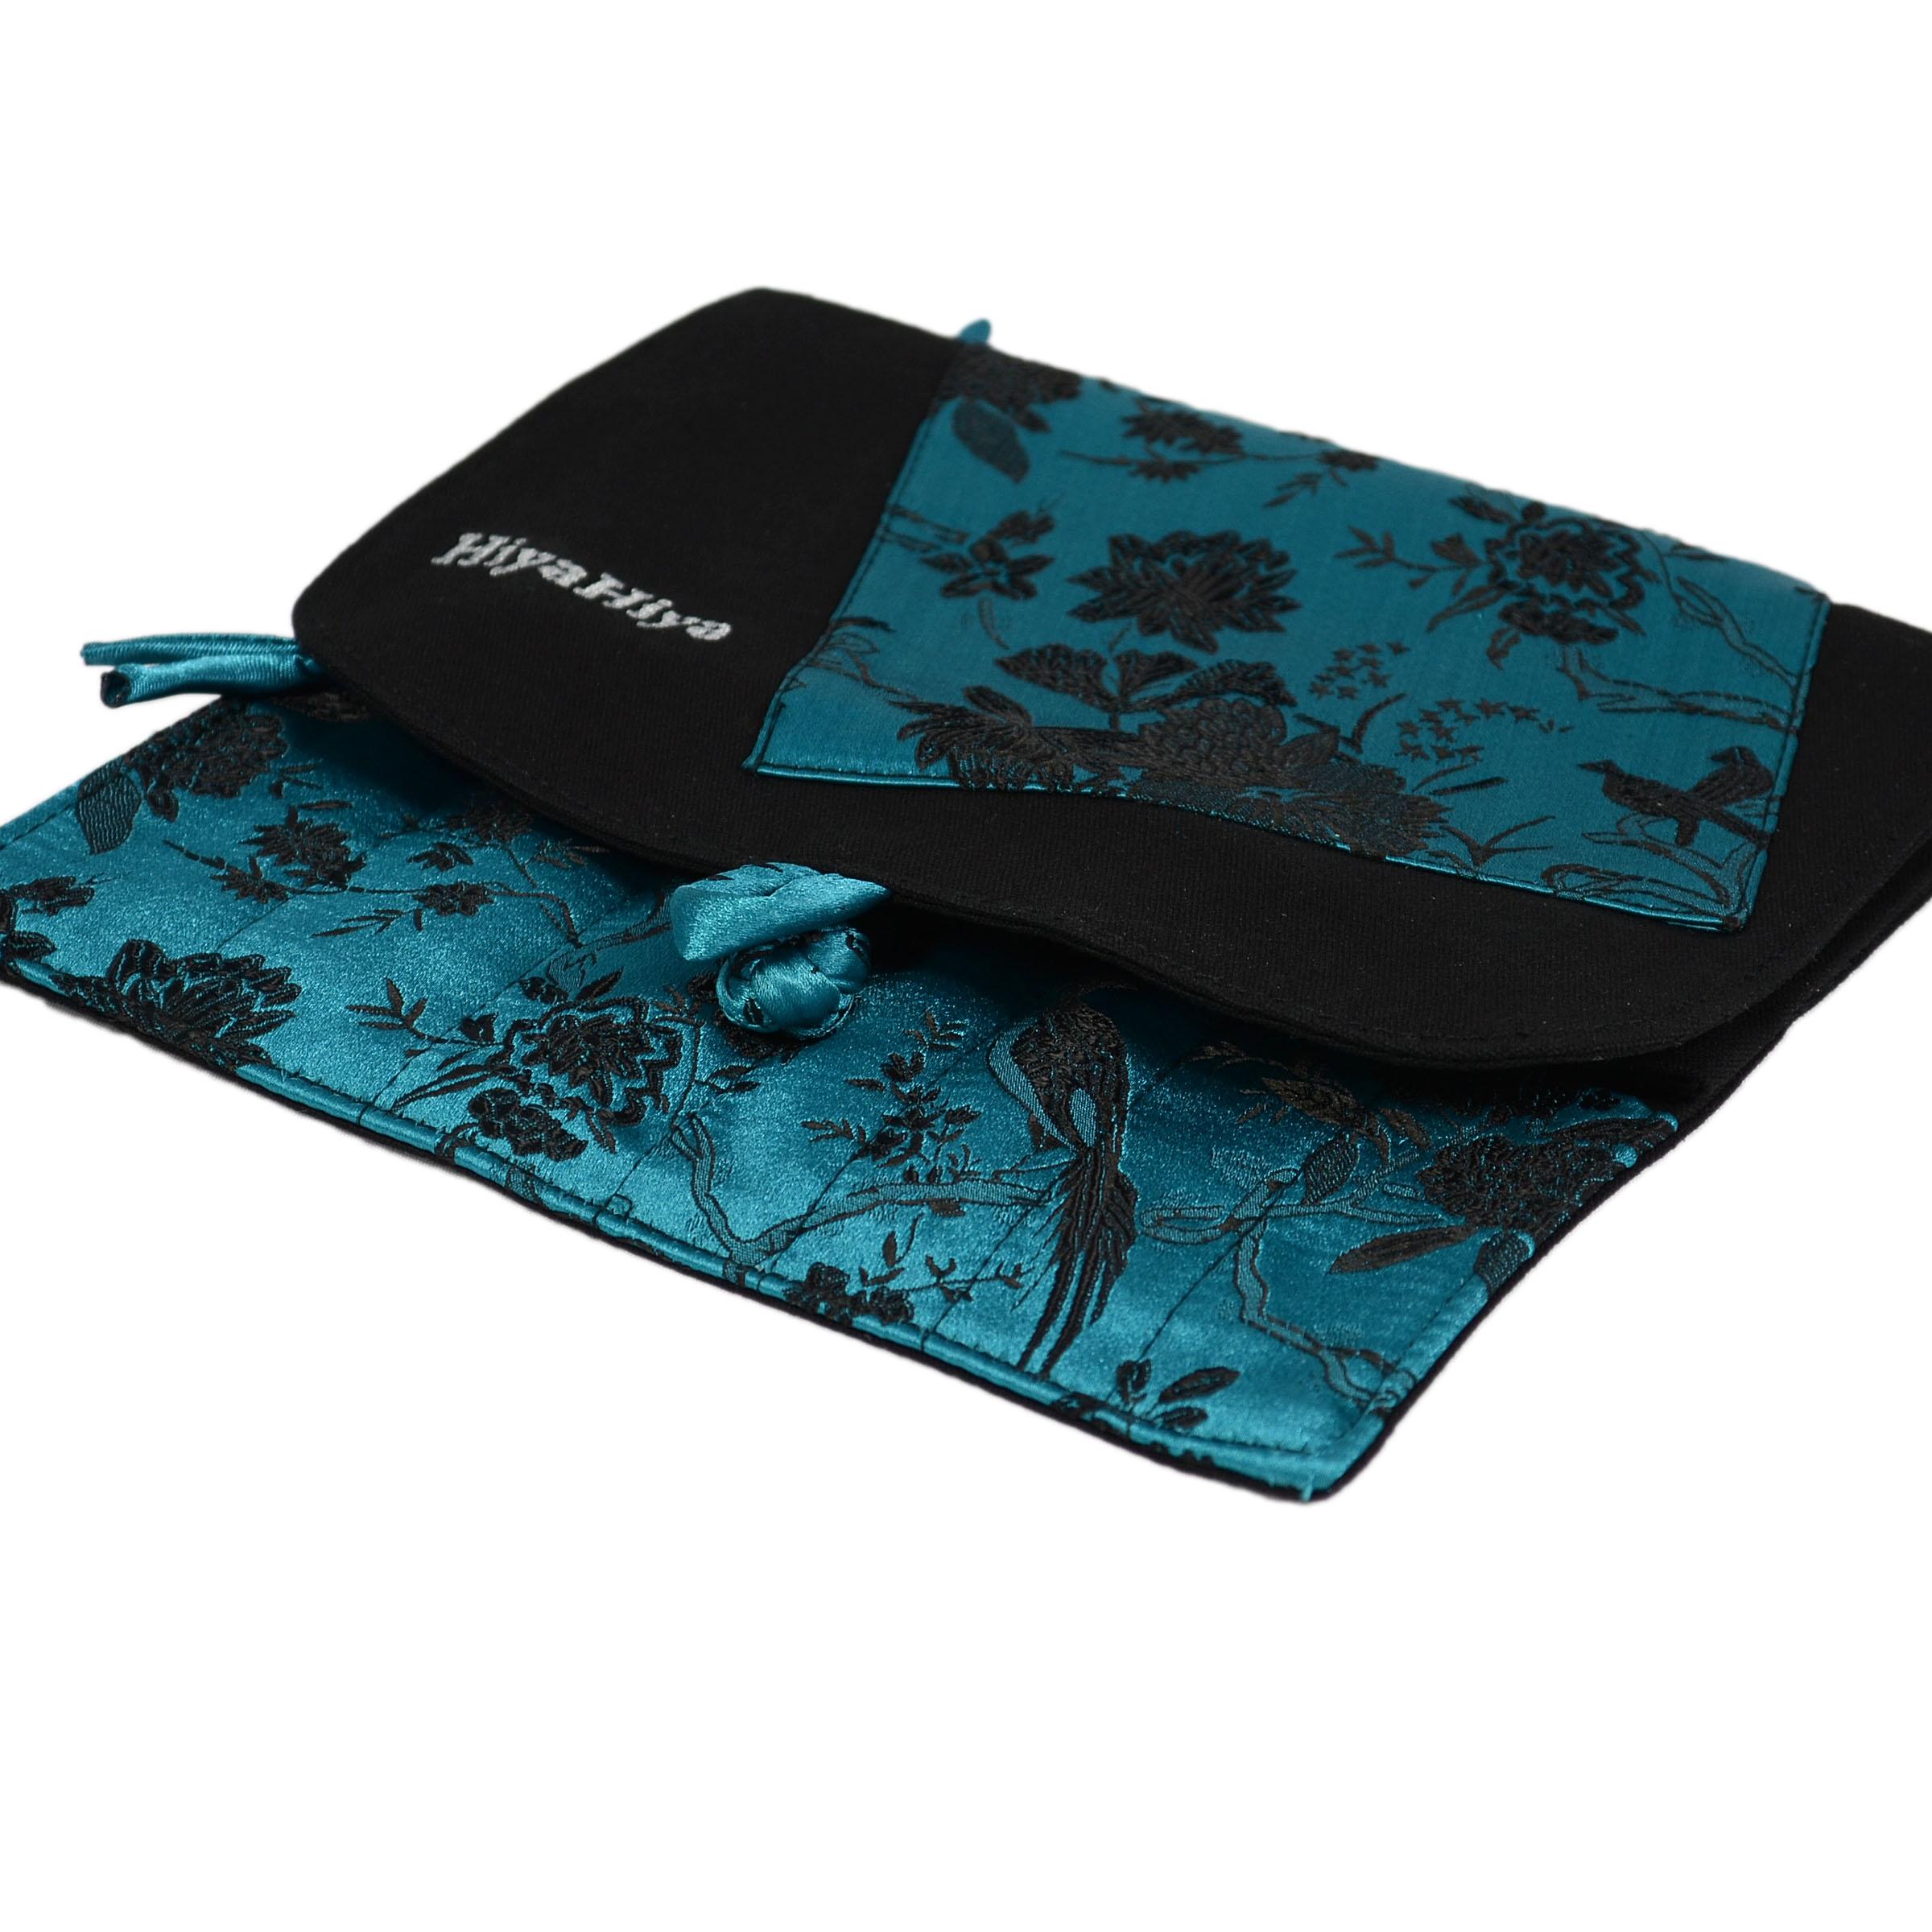 Knitting Needle Sets Uk : Buy hiya interchangeable knitting needle set online uk